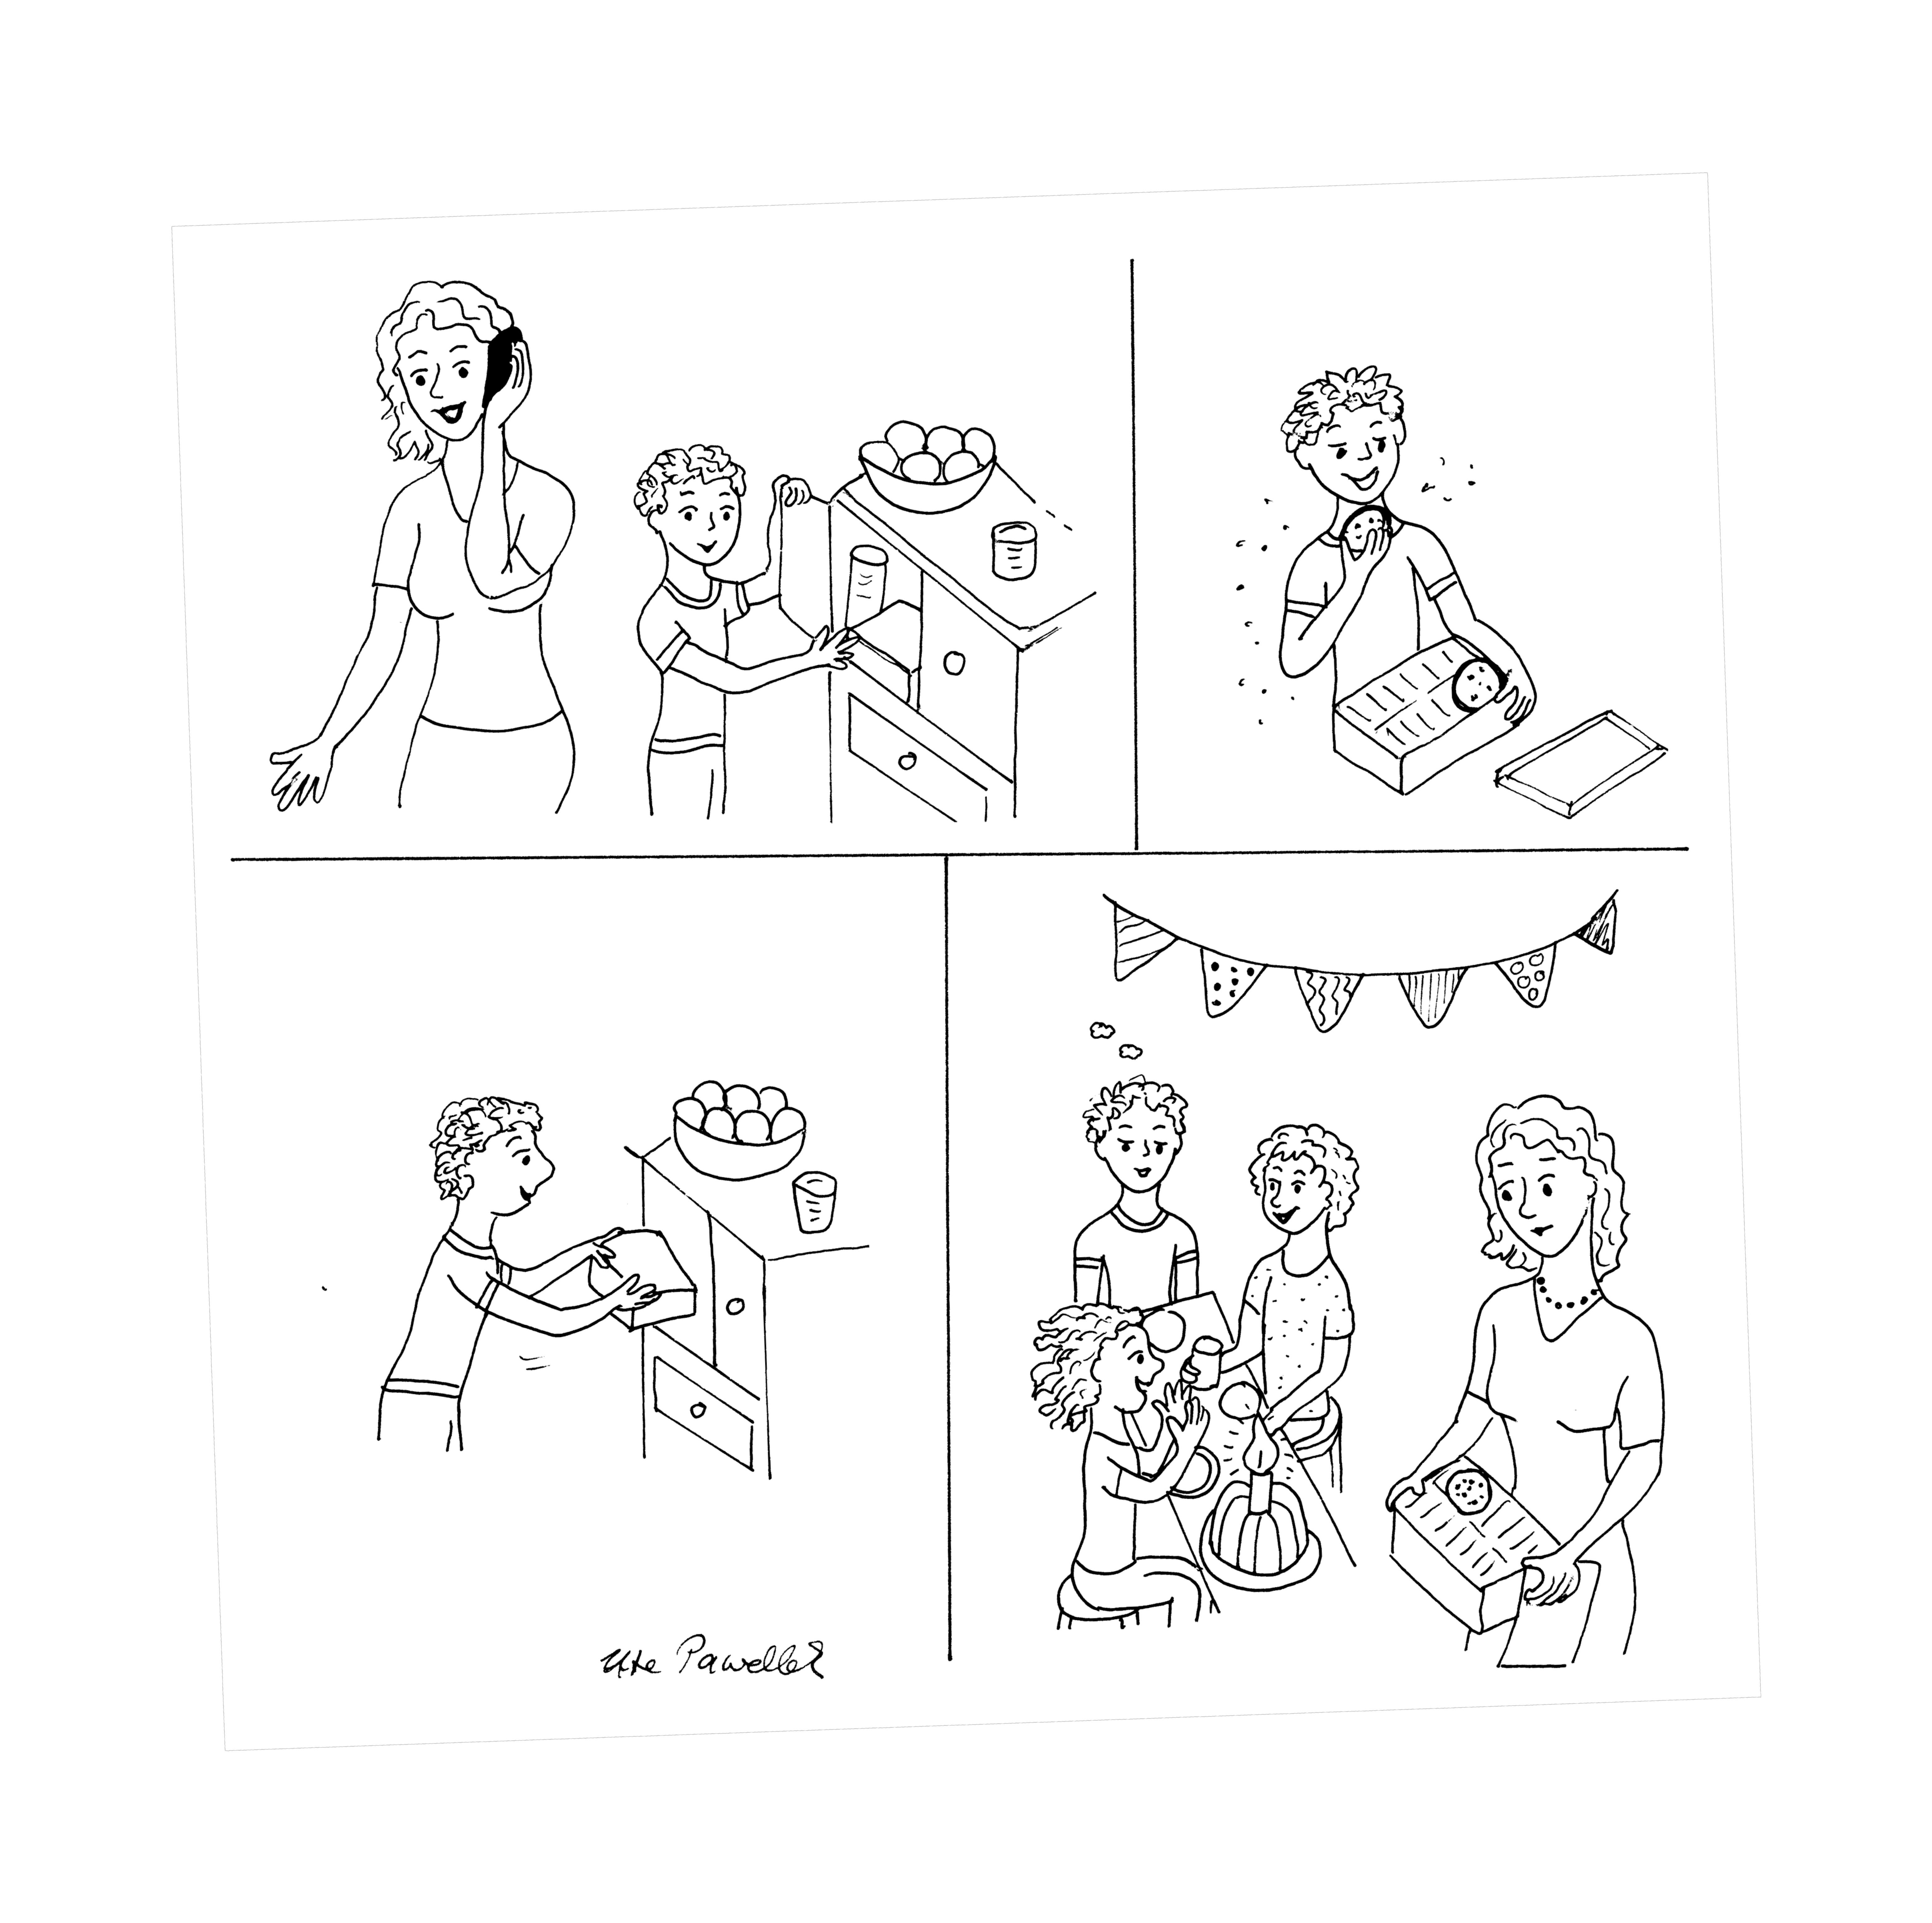 bildgeschichten zum ausdrucken | Bildergeschichte Aufgabe ...